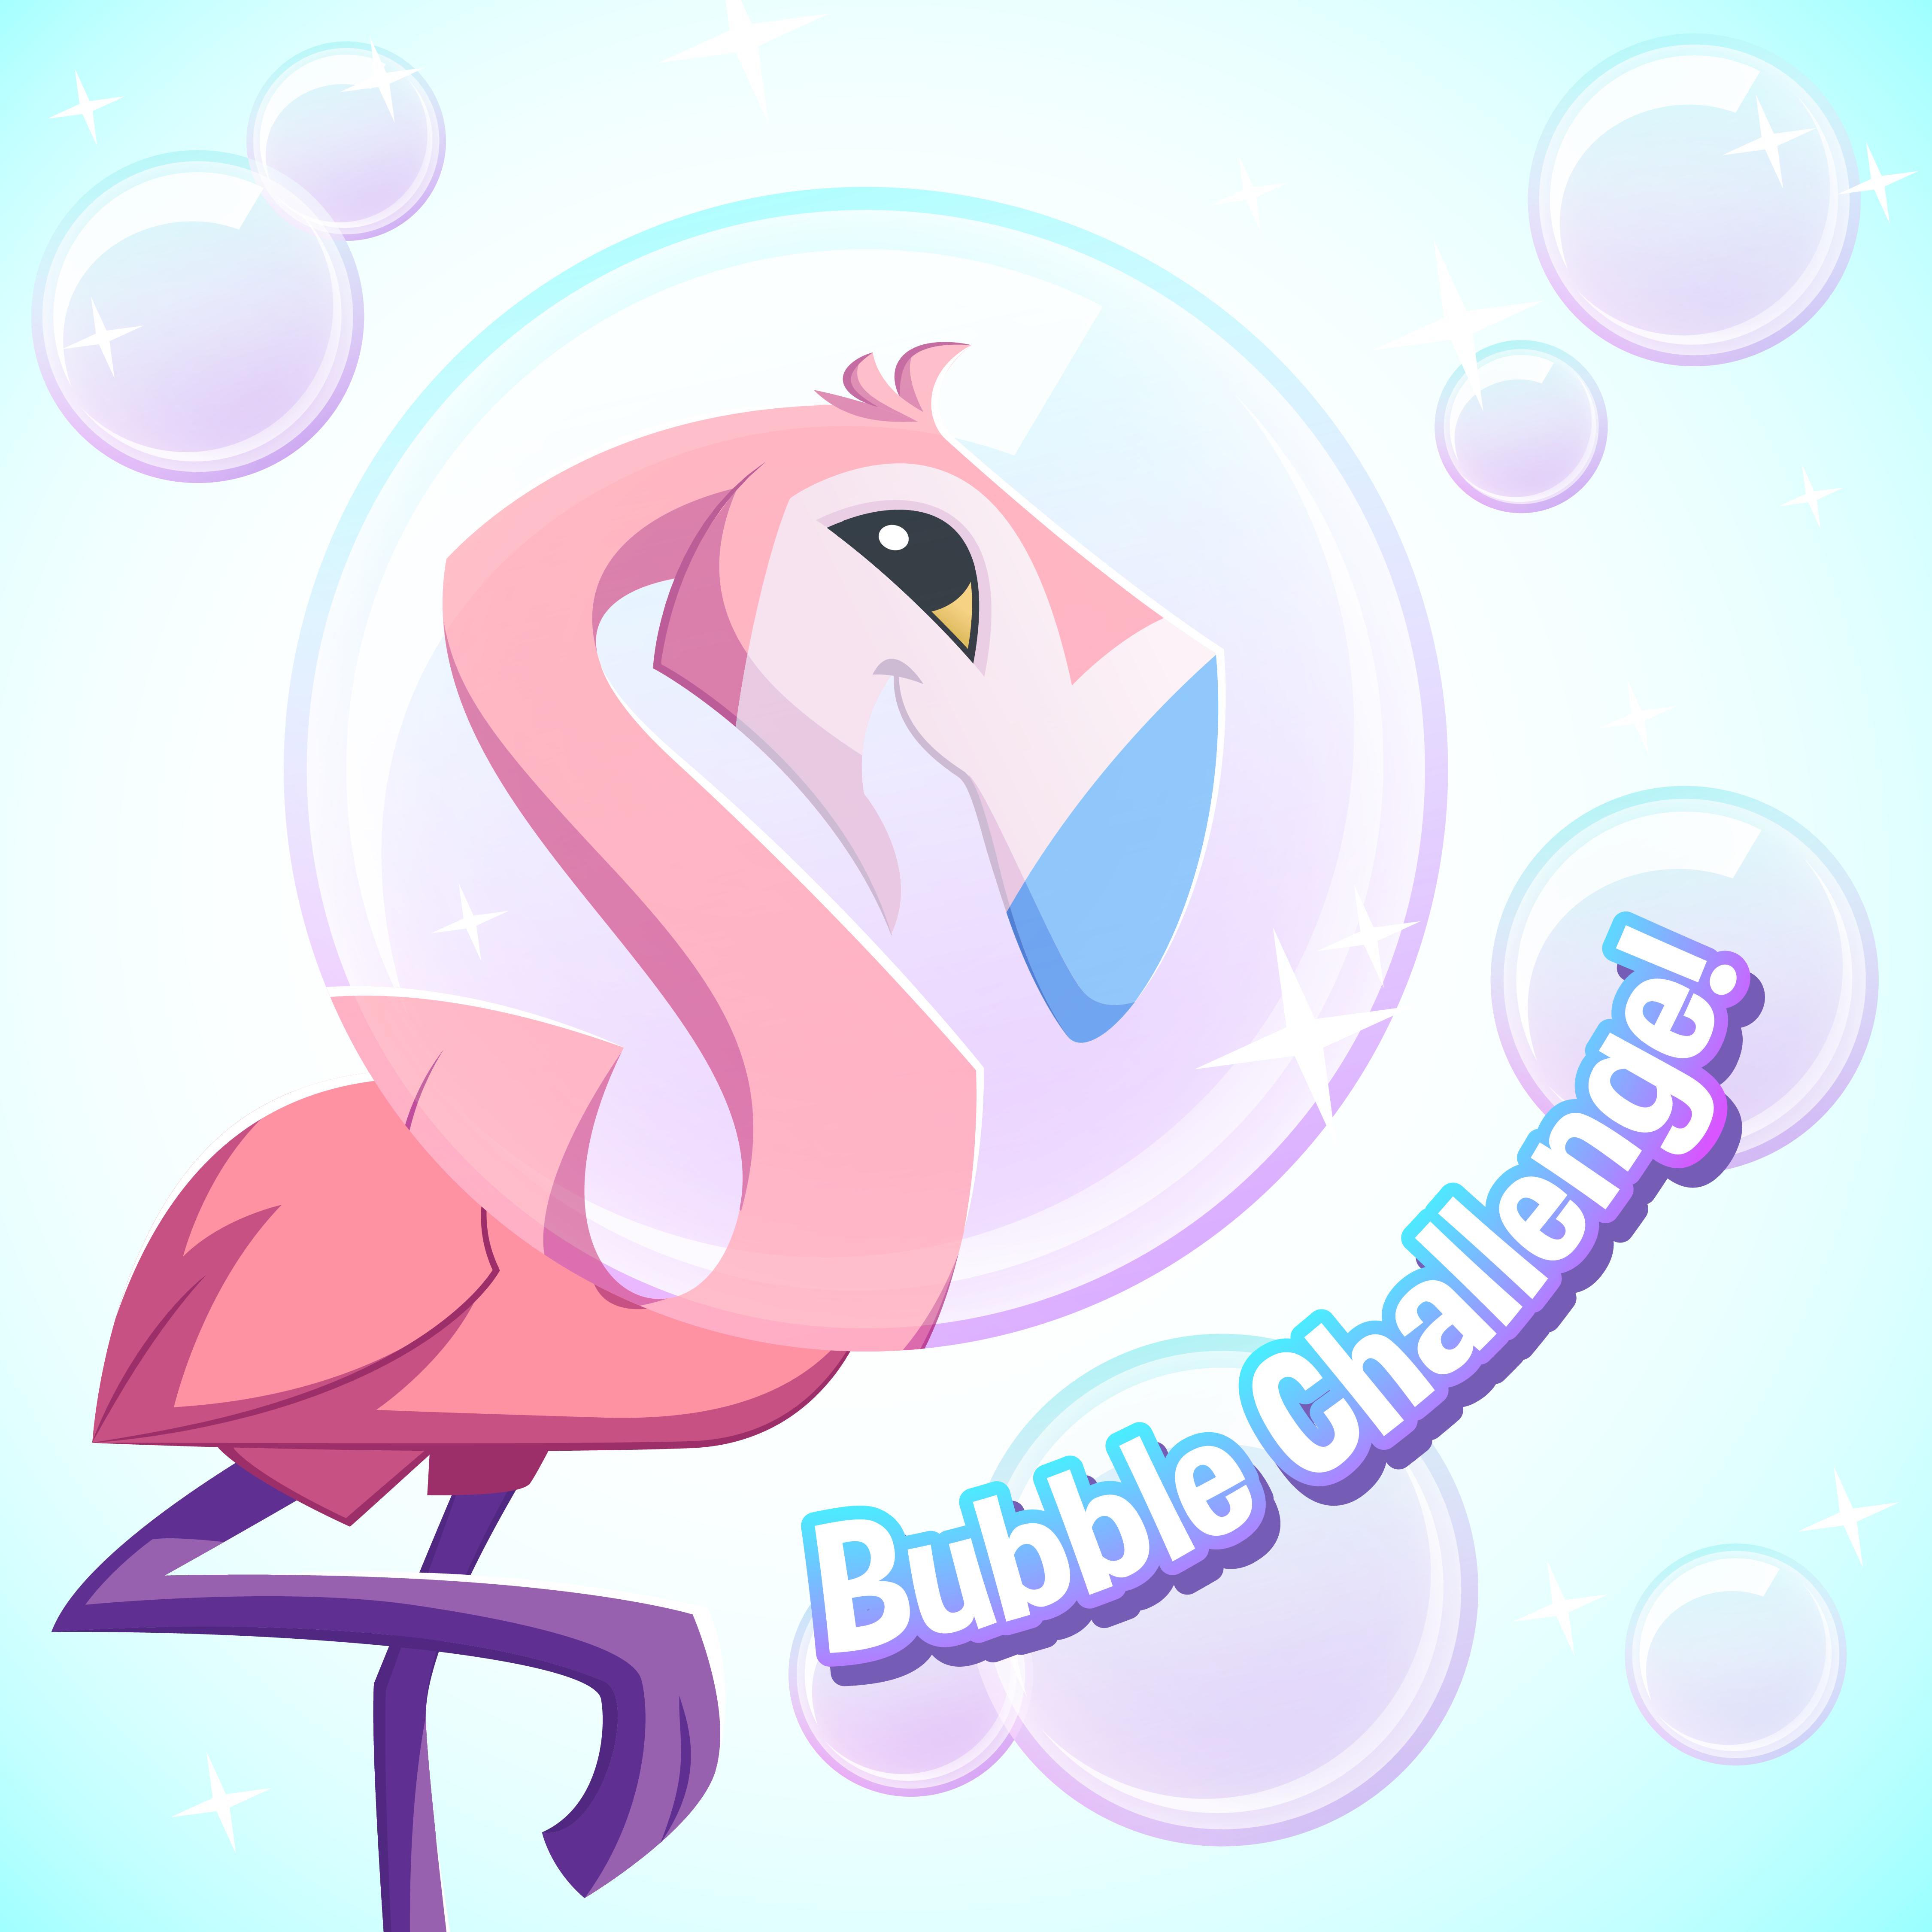 20210730 Bubble Challenge-01